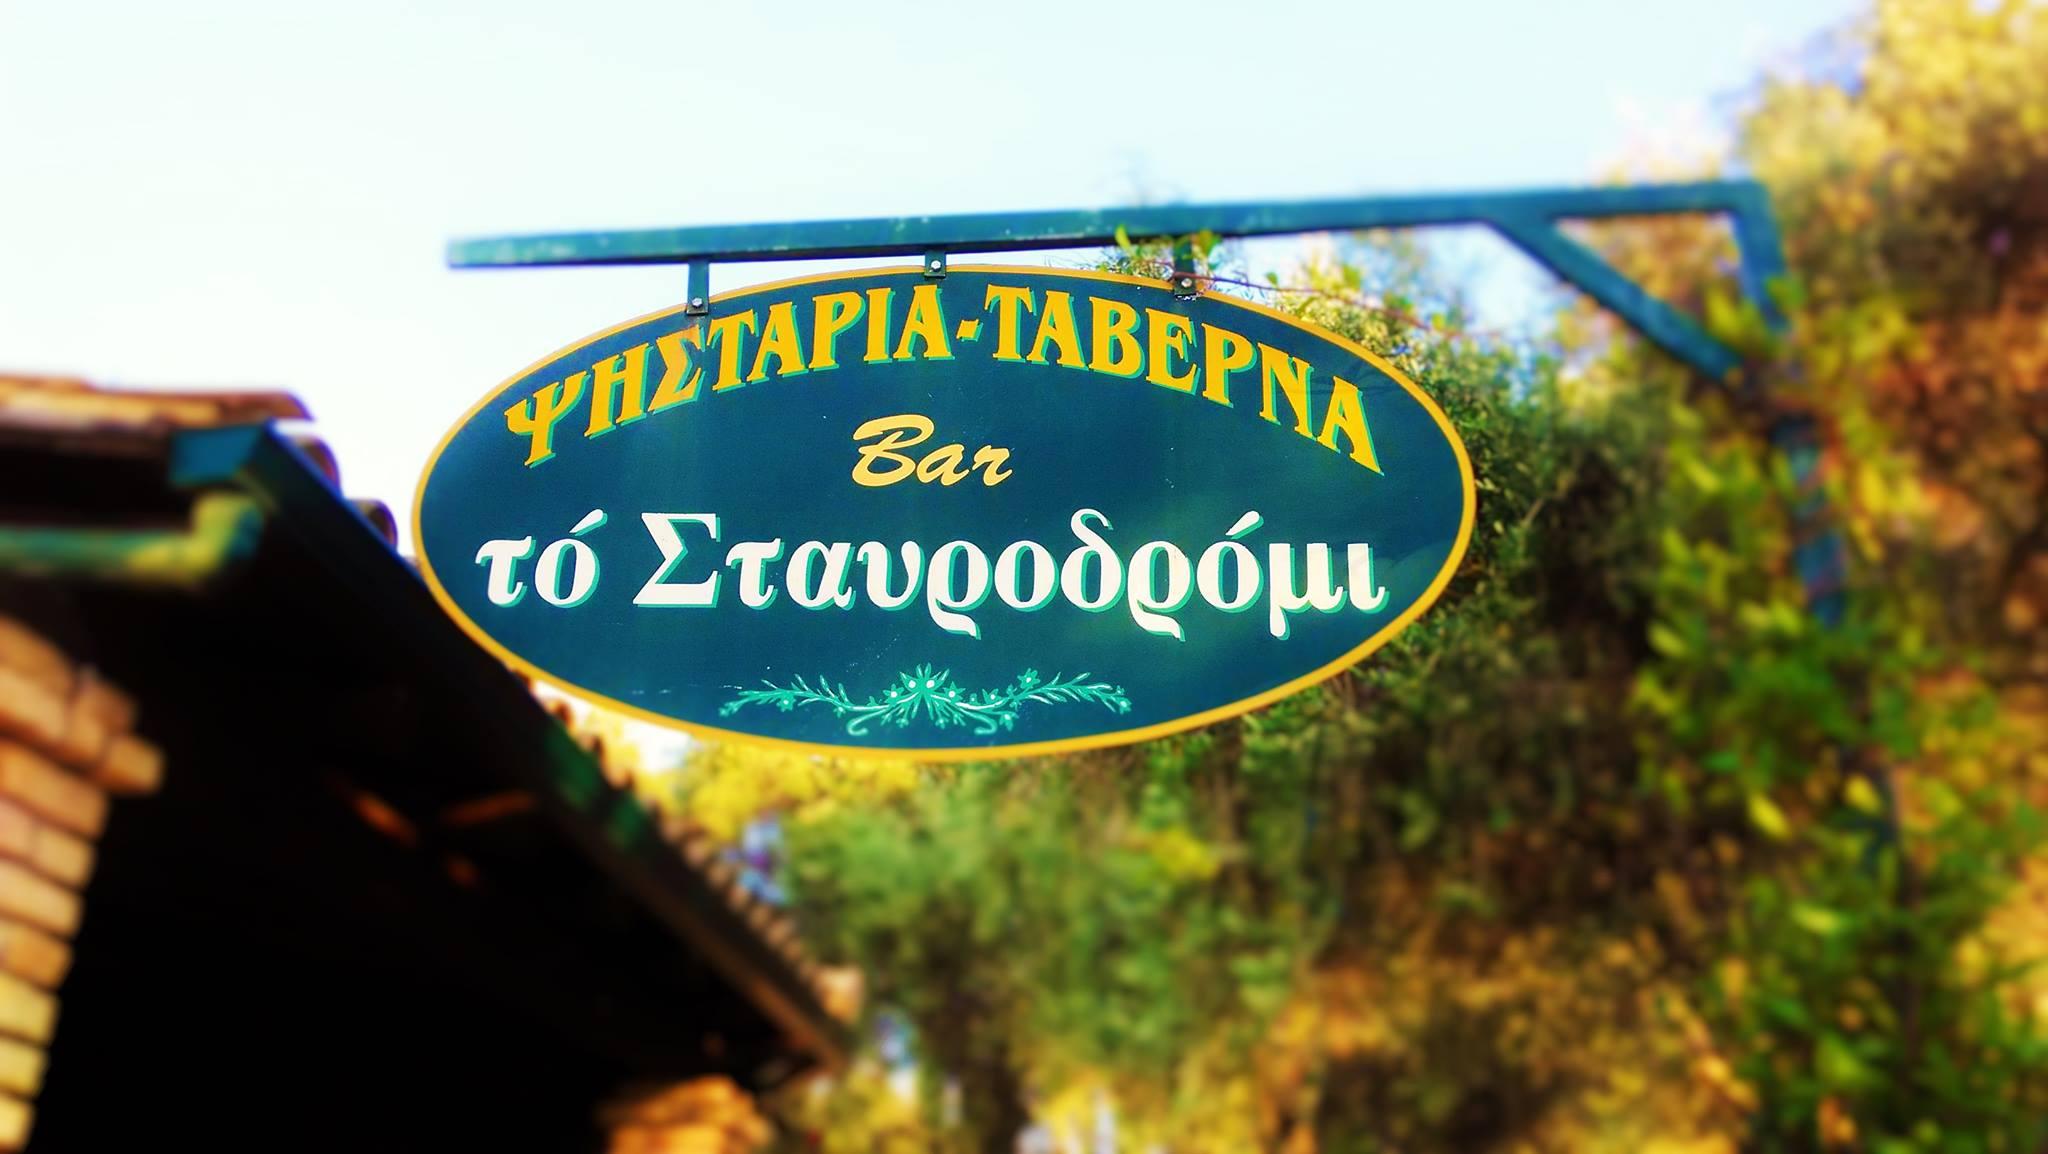 Το Σταυροδρόμι Ψησταριά Ταβέρνα-Πέλεκας